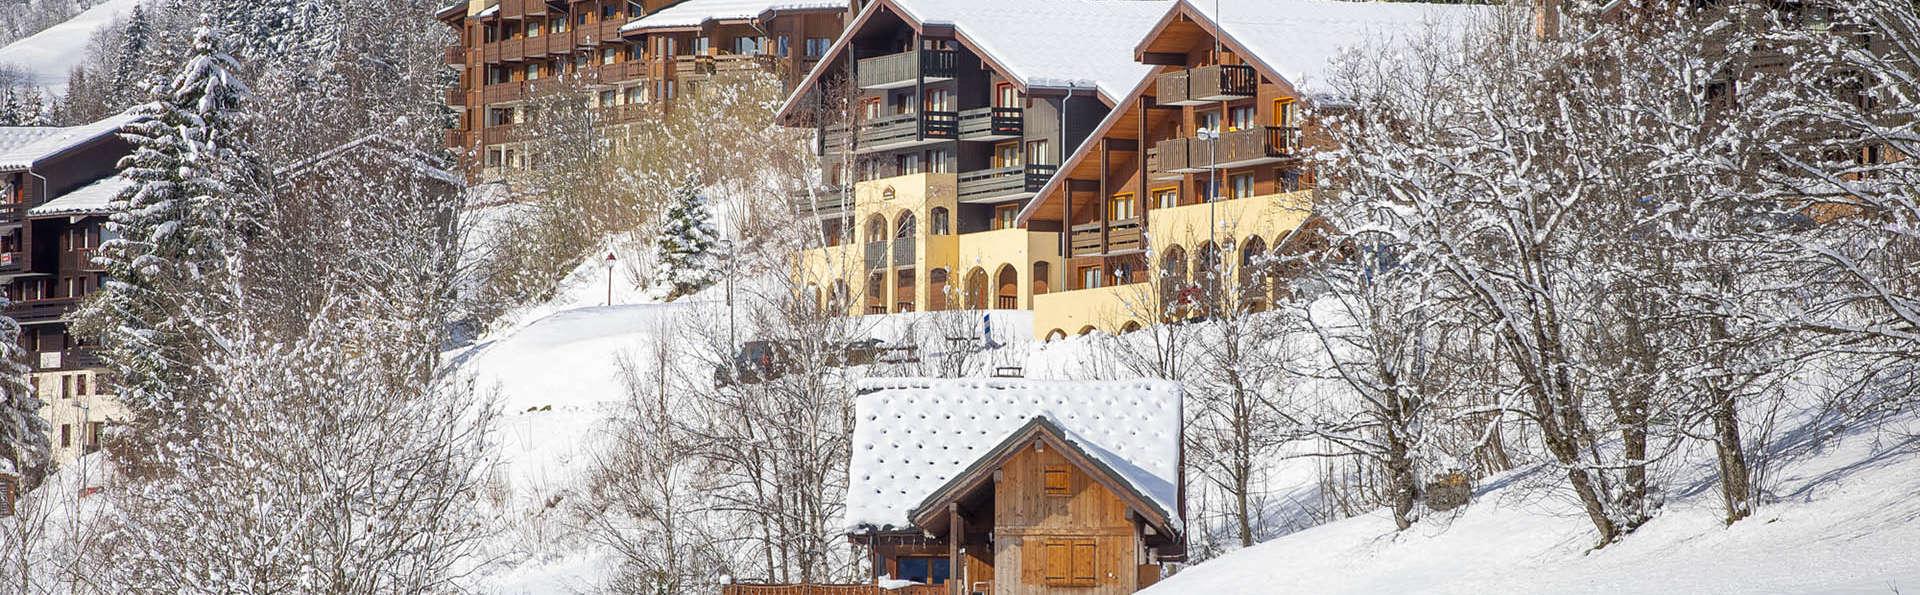 Vacancéole - Résidence Le Sappey - EDIT_exterieur-hiver-3.jpg